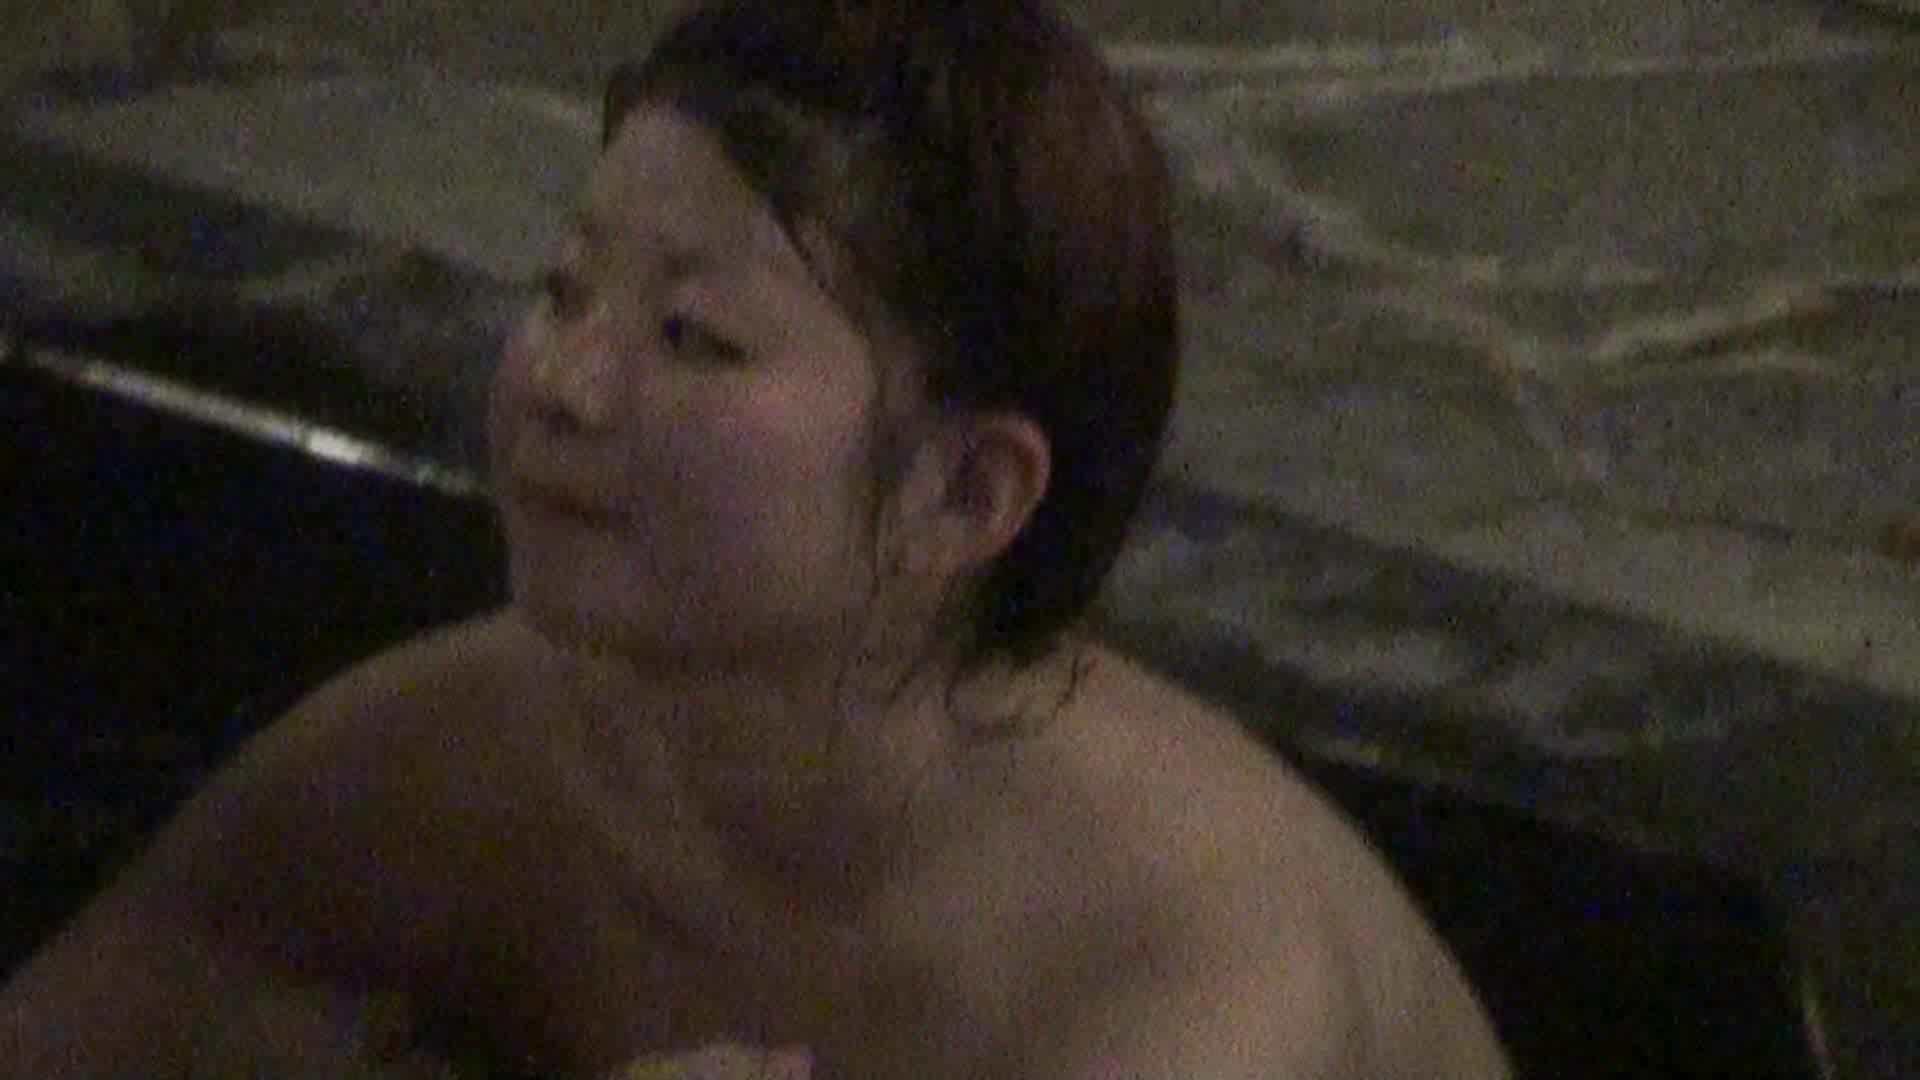 Aquaな露天風呂Vol.321 女体盗撮 | 露天  56連発 10